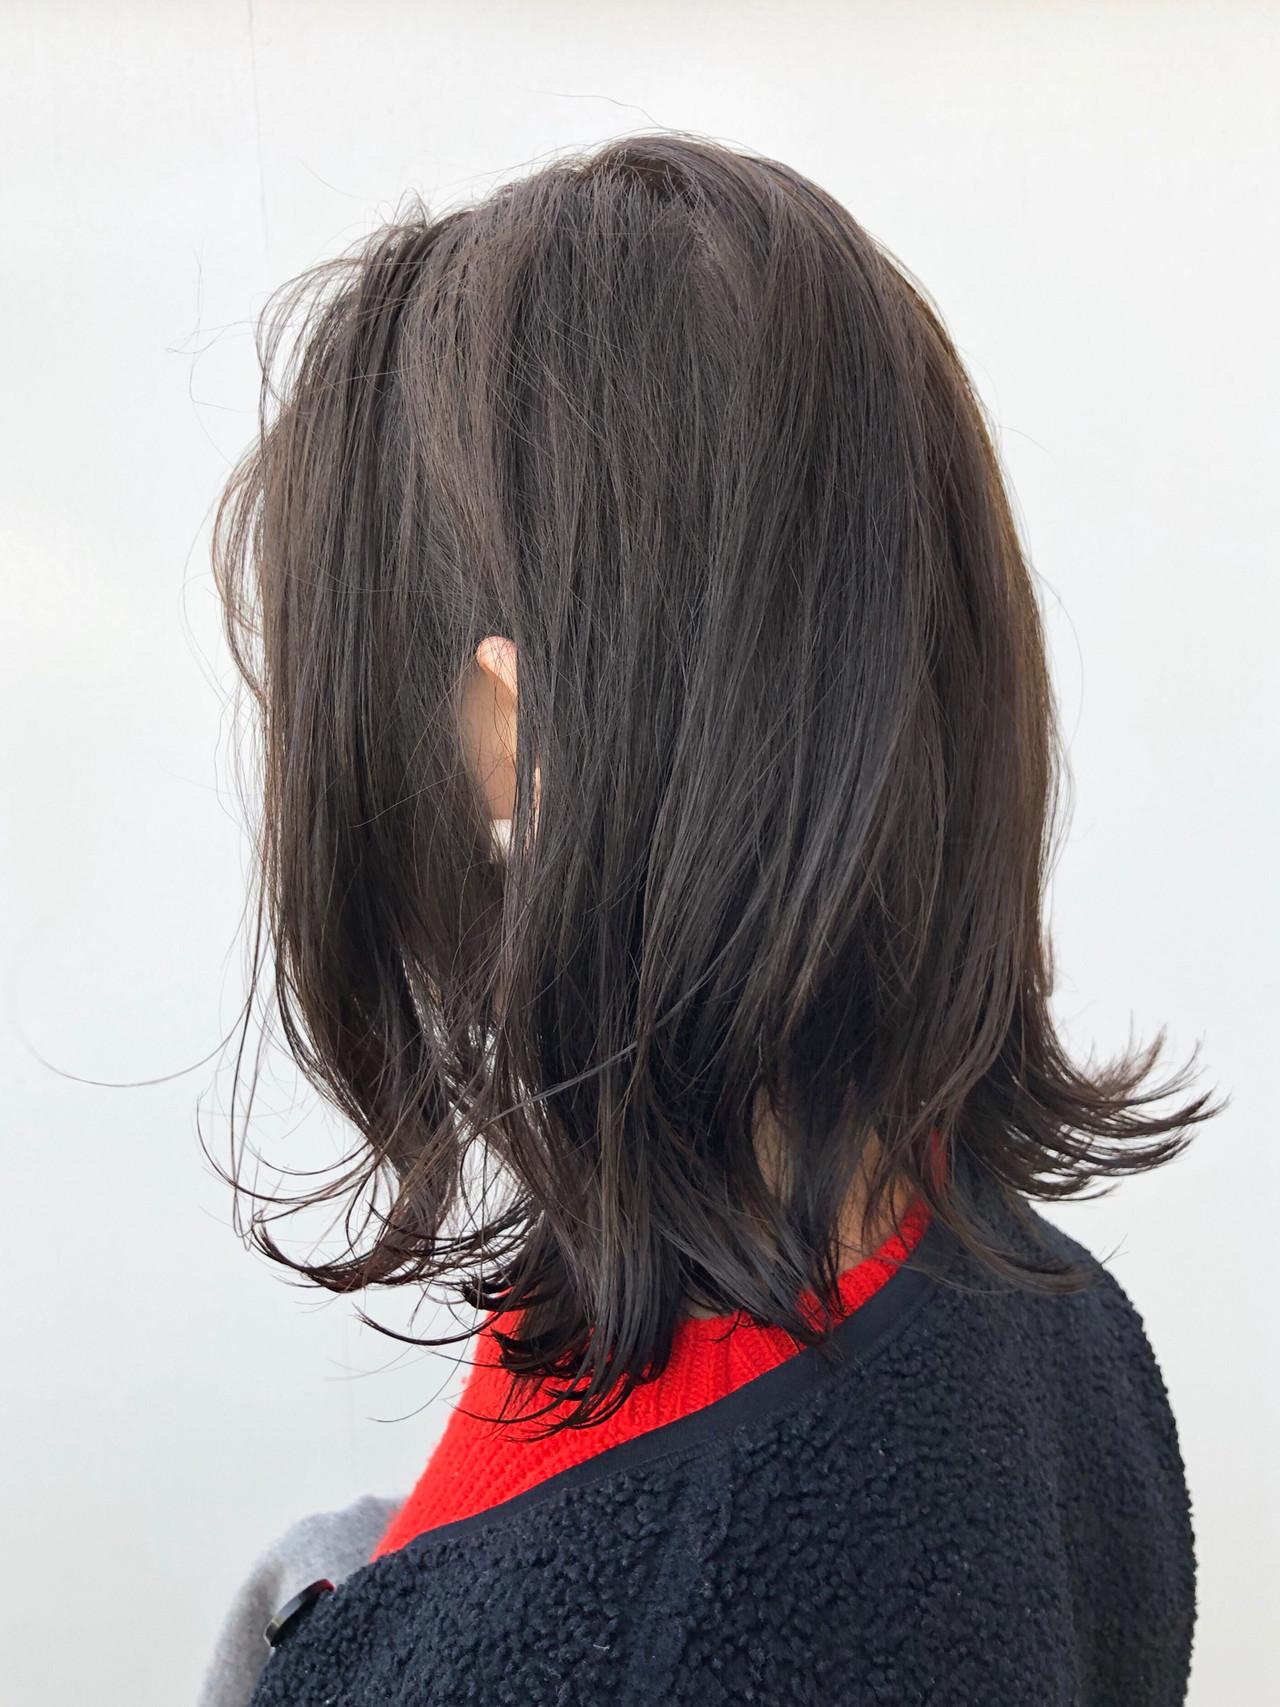 グレージュ 外ハネボブ ナチュラル デート ヘアスタイルや髪型の写真・画像 | 出塩 浩之 / MORIO FROM LONDON さいたま新都心